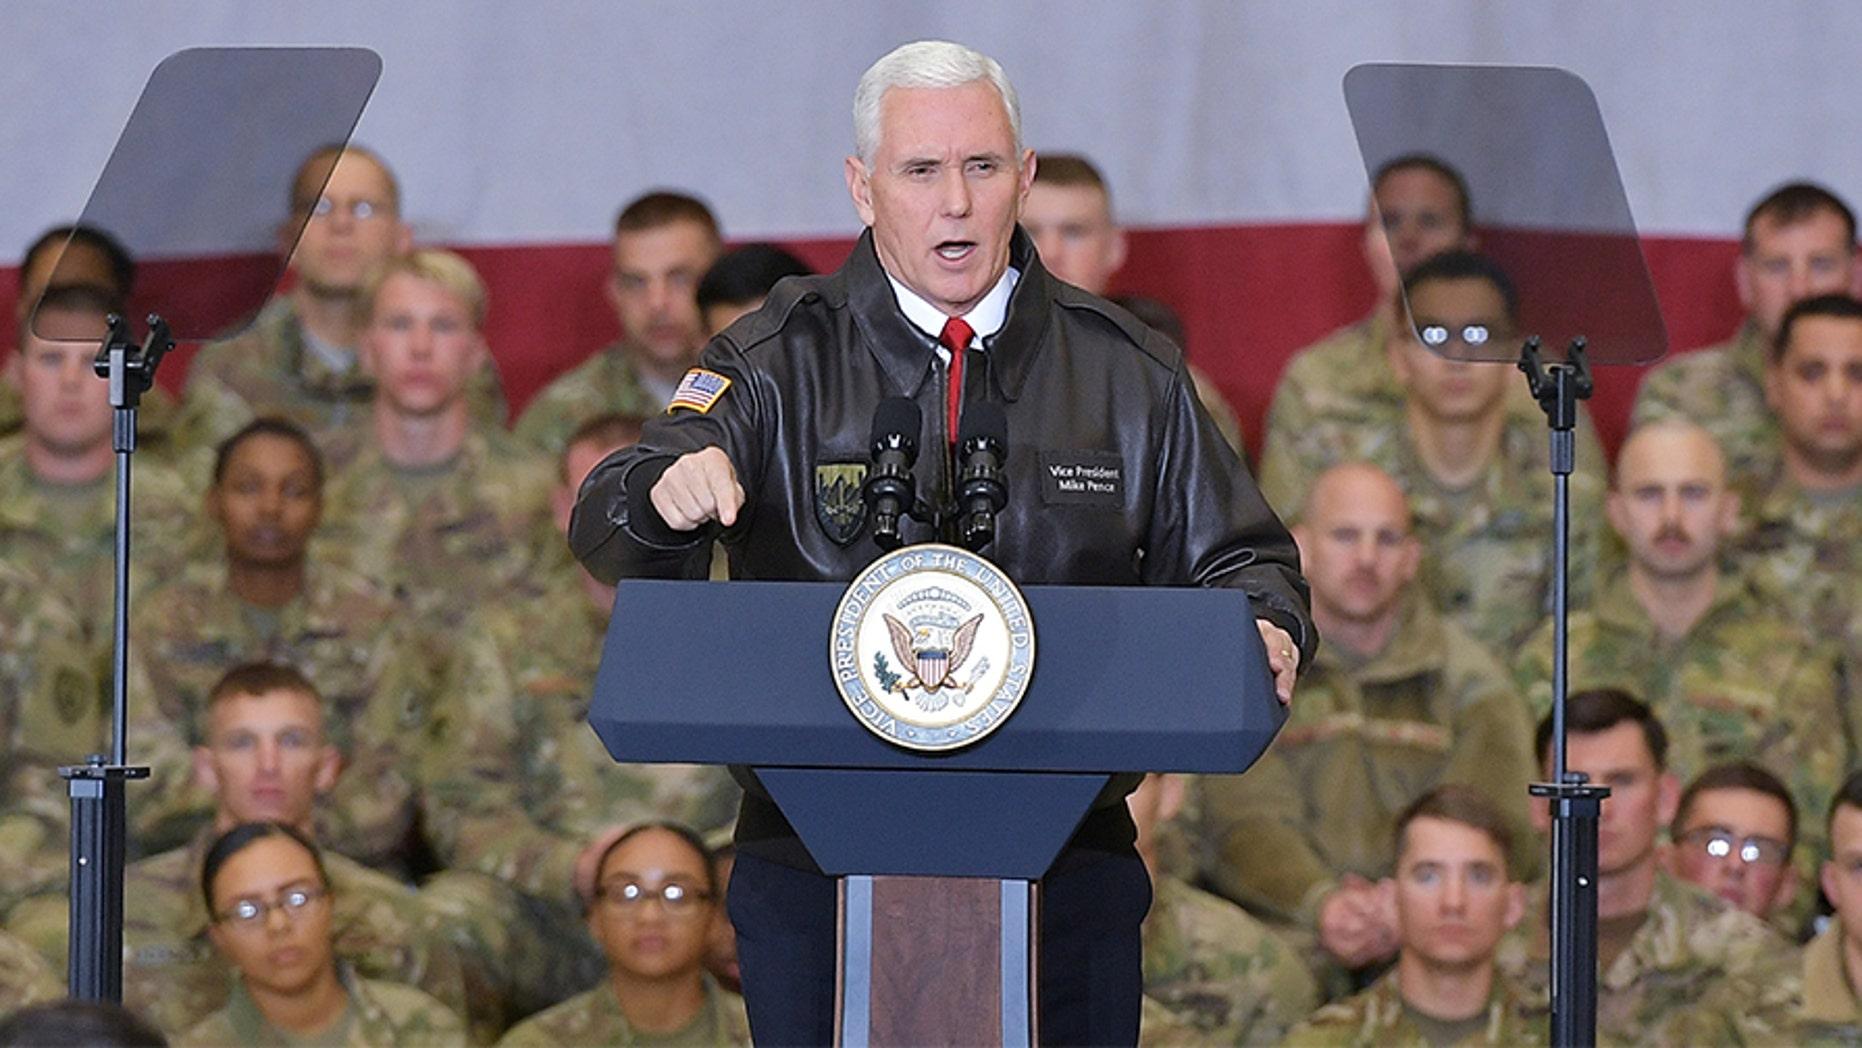 U.S. Vice President Mike Pence speaks to troops in a hangar at Bagram Air Field in Afghanistan on December 21, 2017.